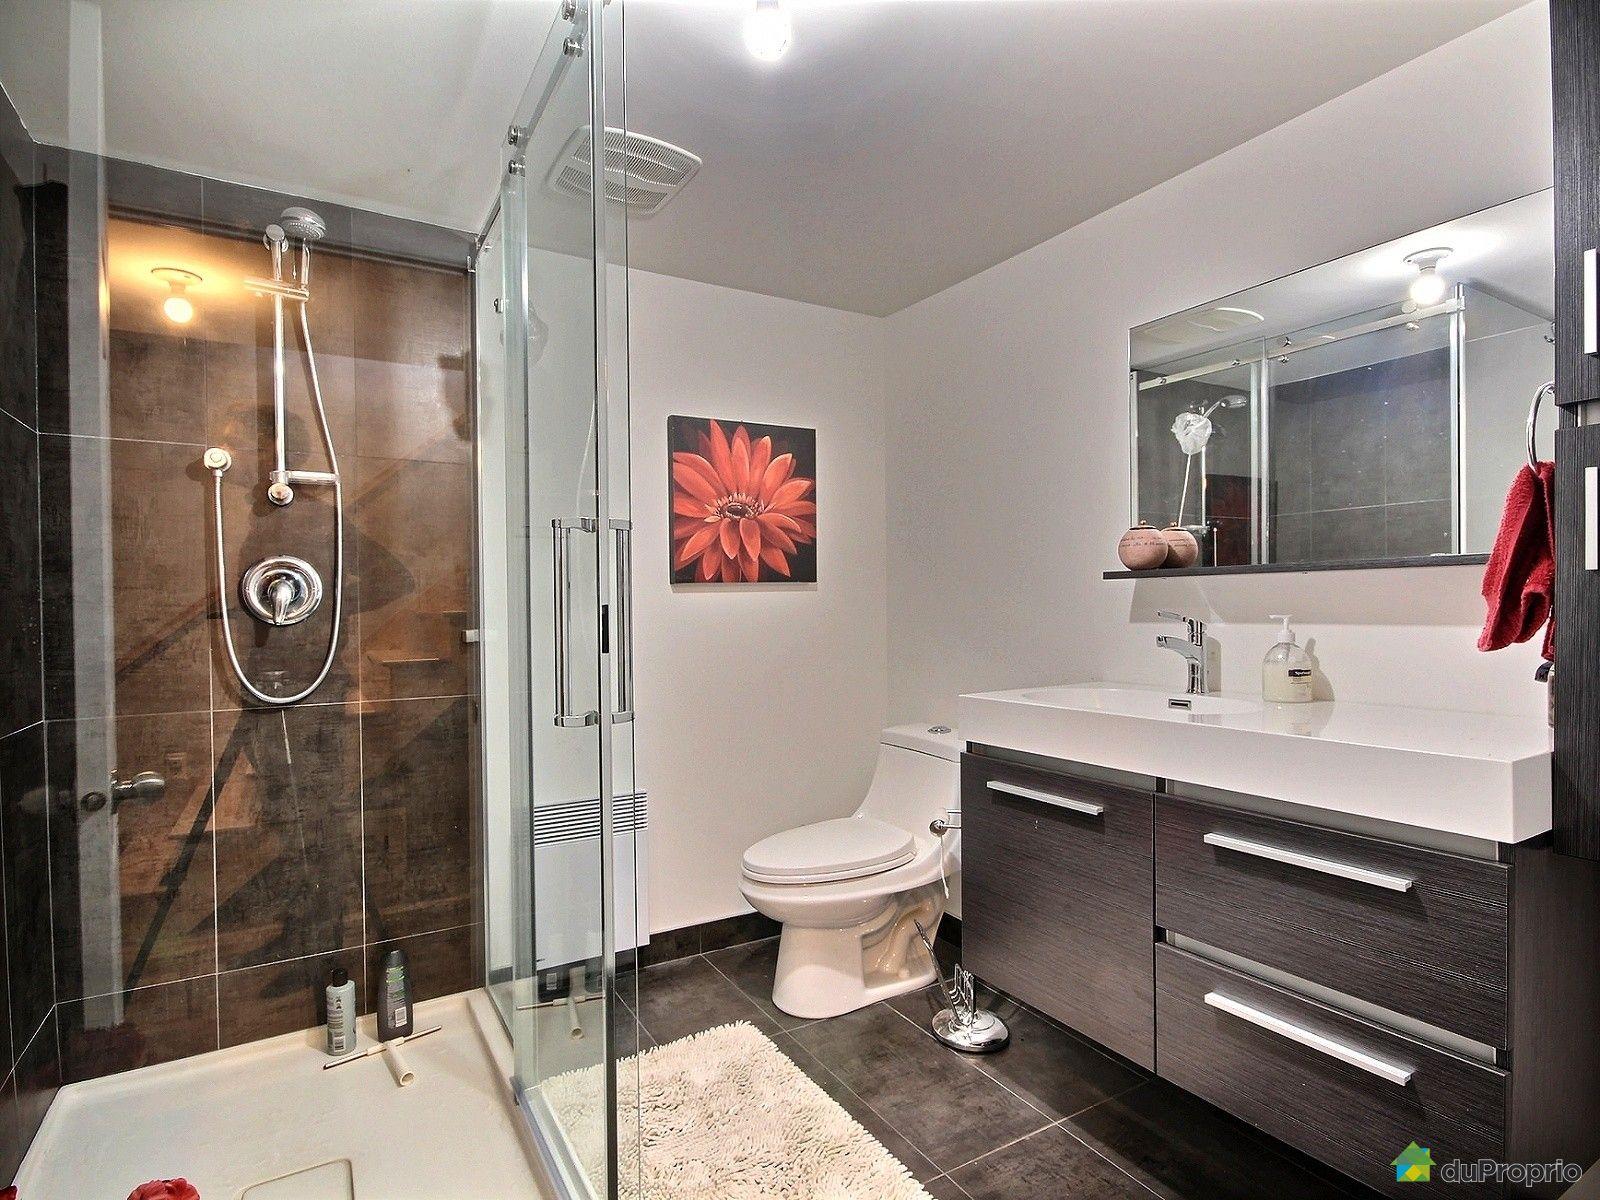 Maison vendre rivi re du loup 2 rue de courcelette for Plomberie salle de bain au sous sol